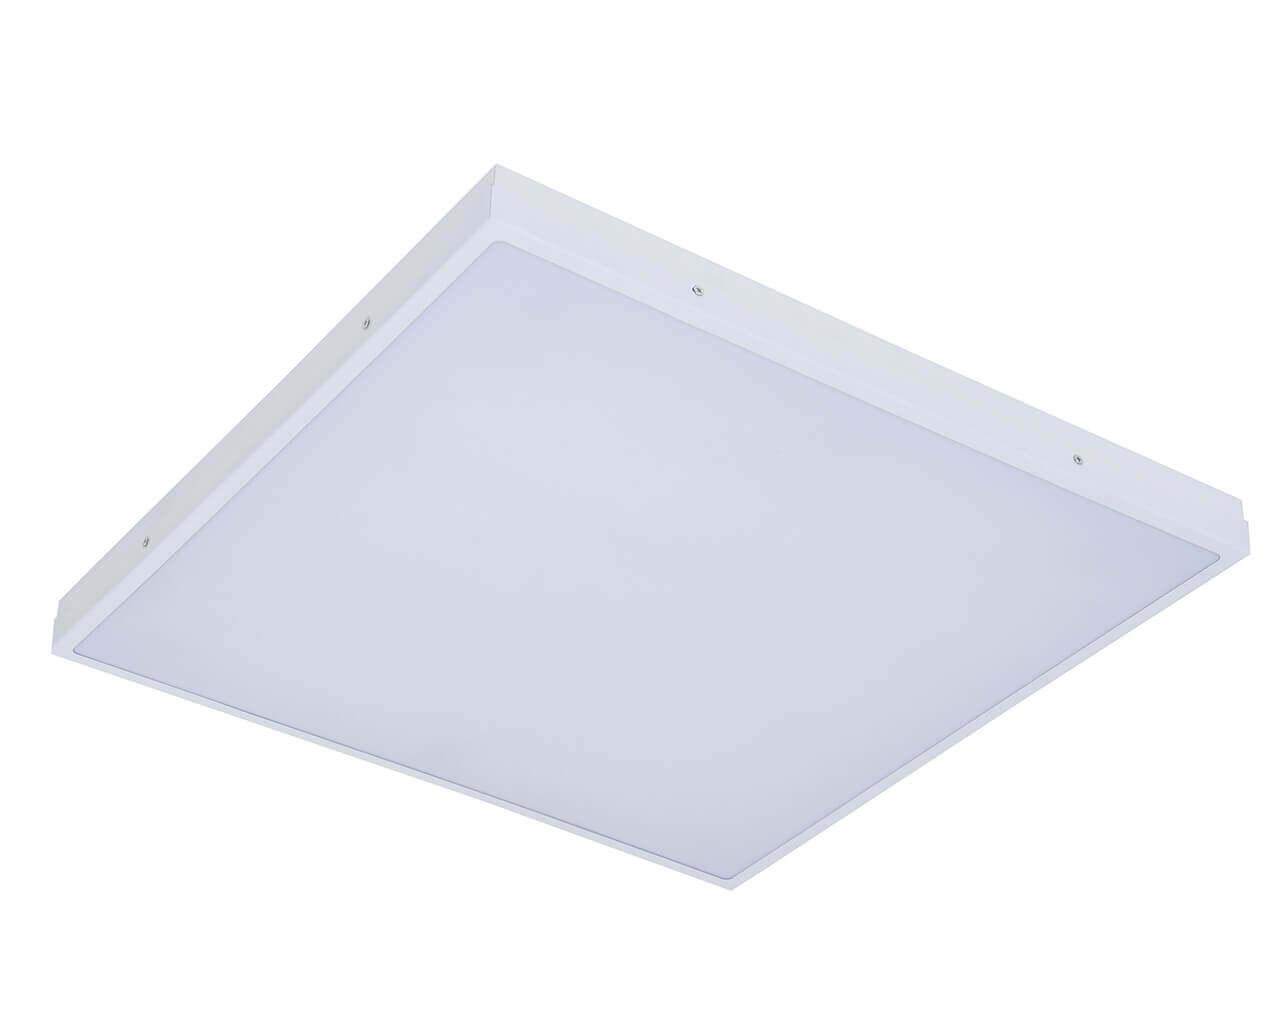 Универсальный светильник LC-SIP-60-OP 595*595 IP65 Теплый белый Опал